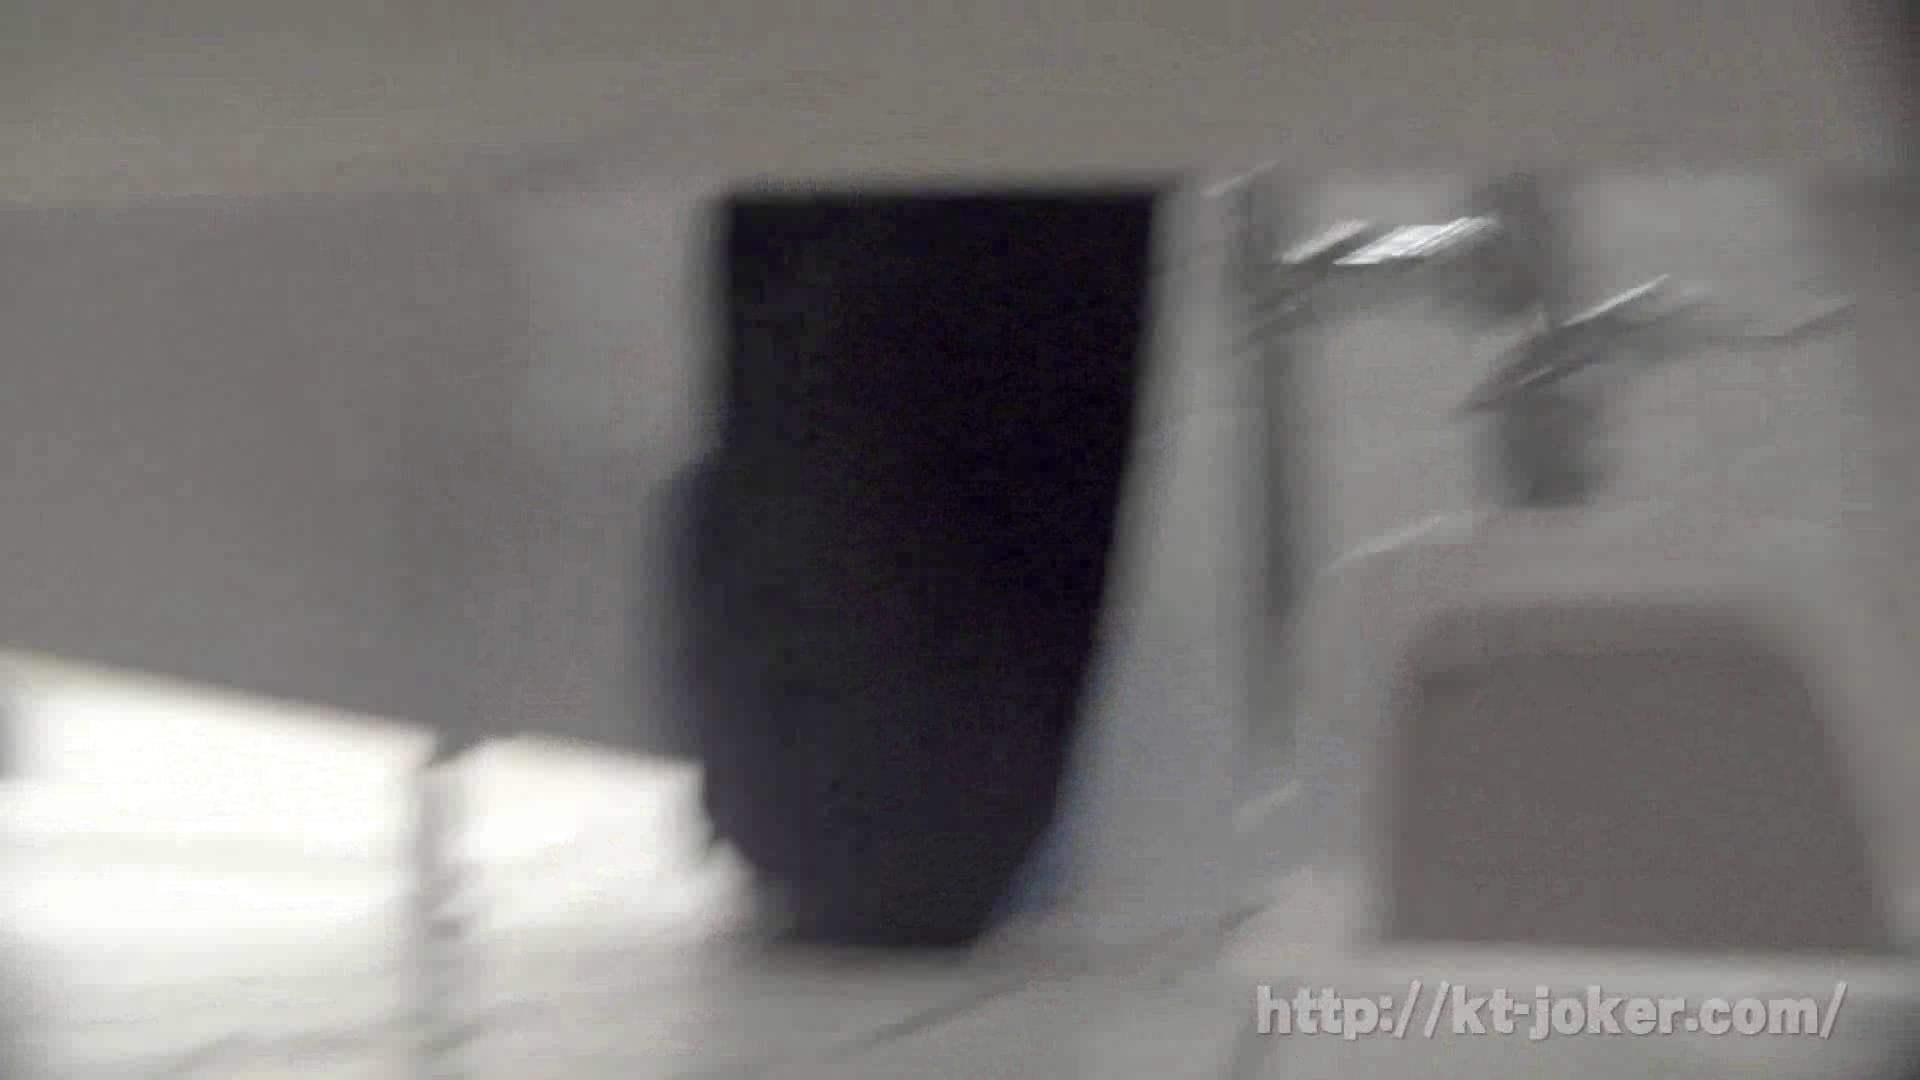 命がけ潜伏洗面所! vol.60 あれ?チラっチラって。気づいてます? プライベート 盗撮オマンコ無修正動画無料 53pic 27